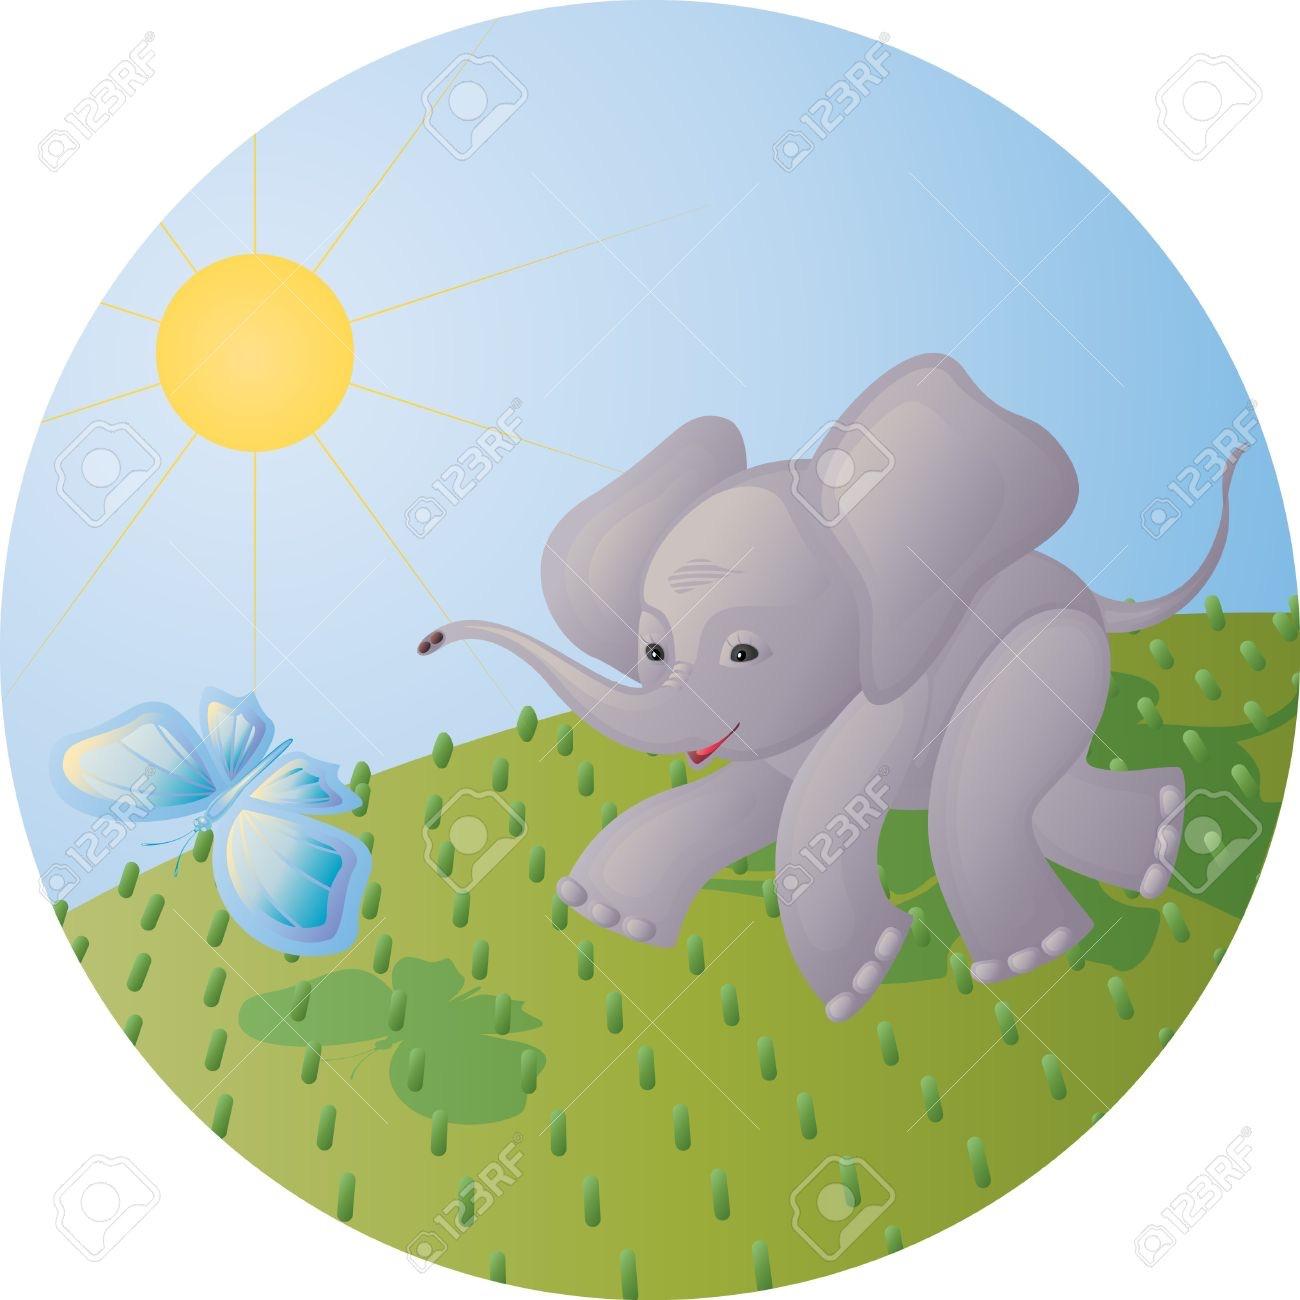 La mariposa y el elefante